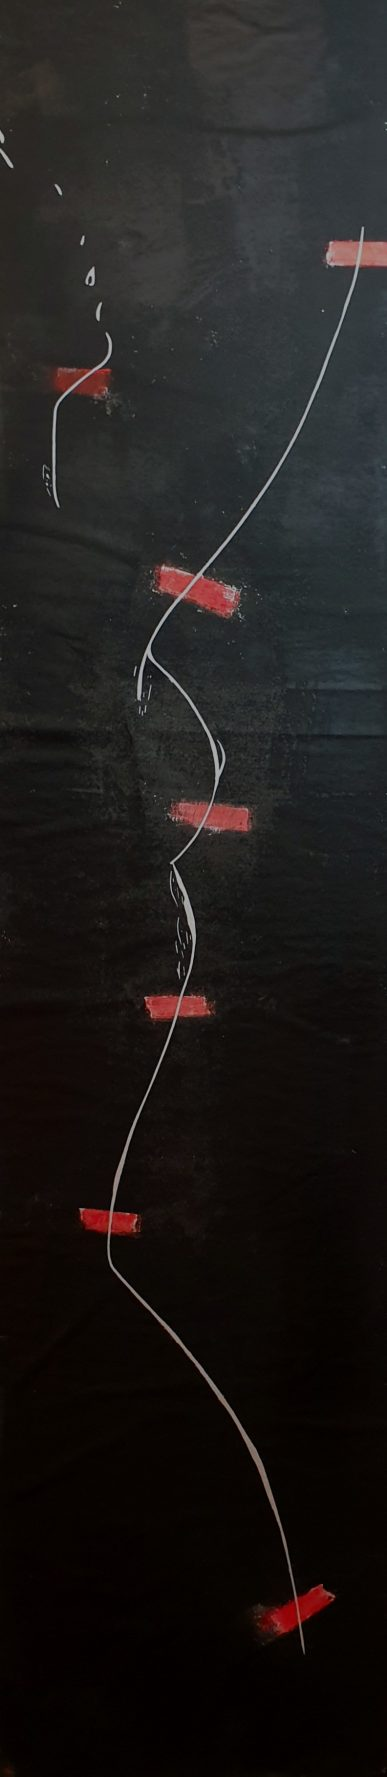 Akt (verwundet) - Linolschnitt